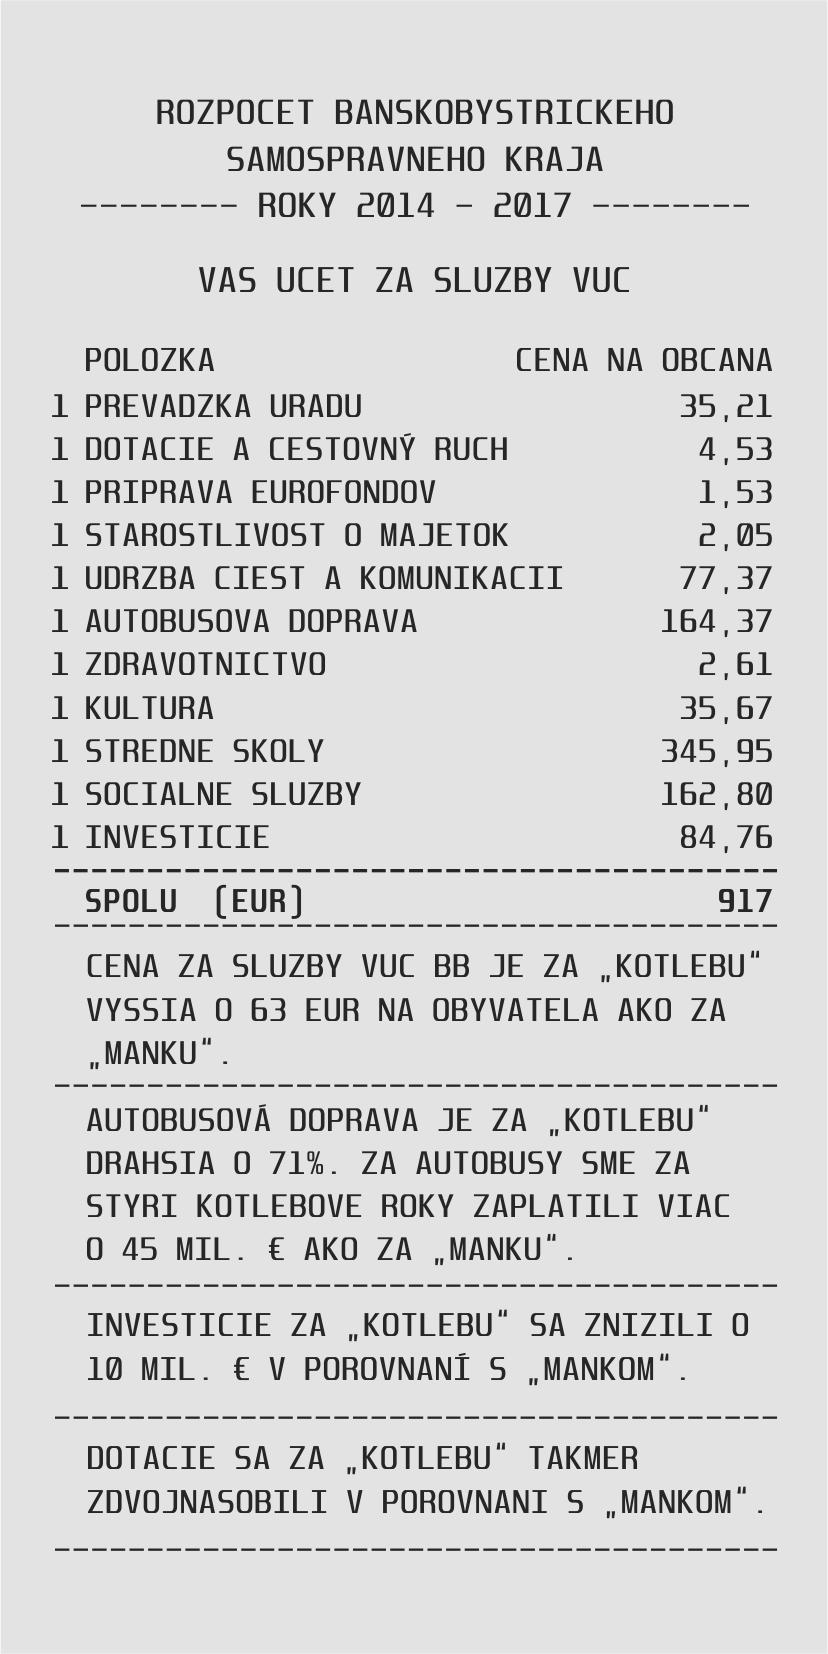 cena_vuc_bb